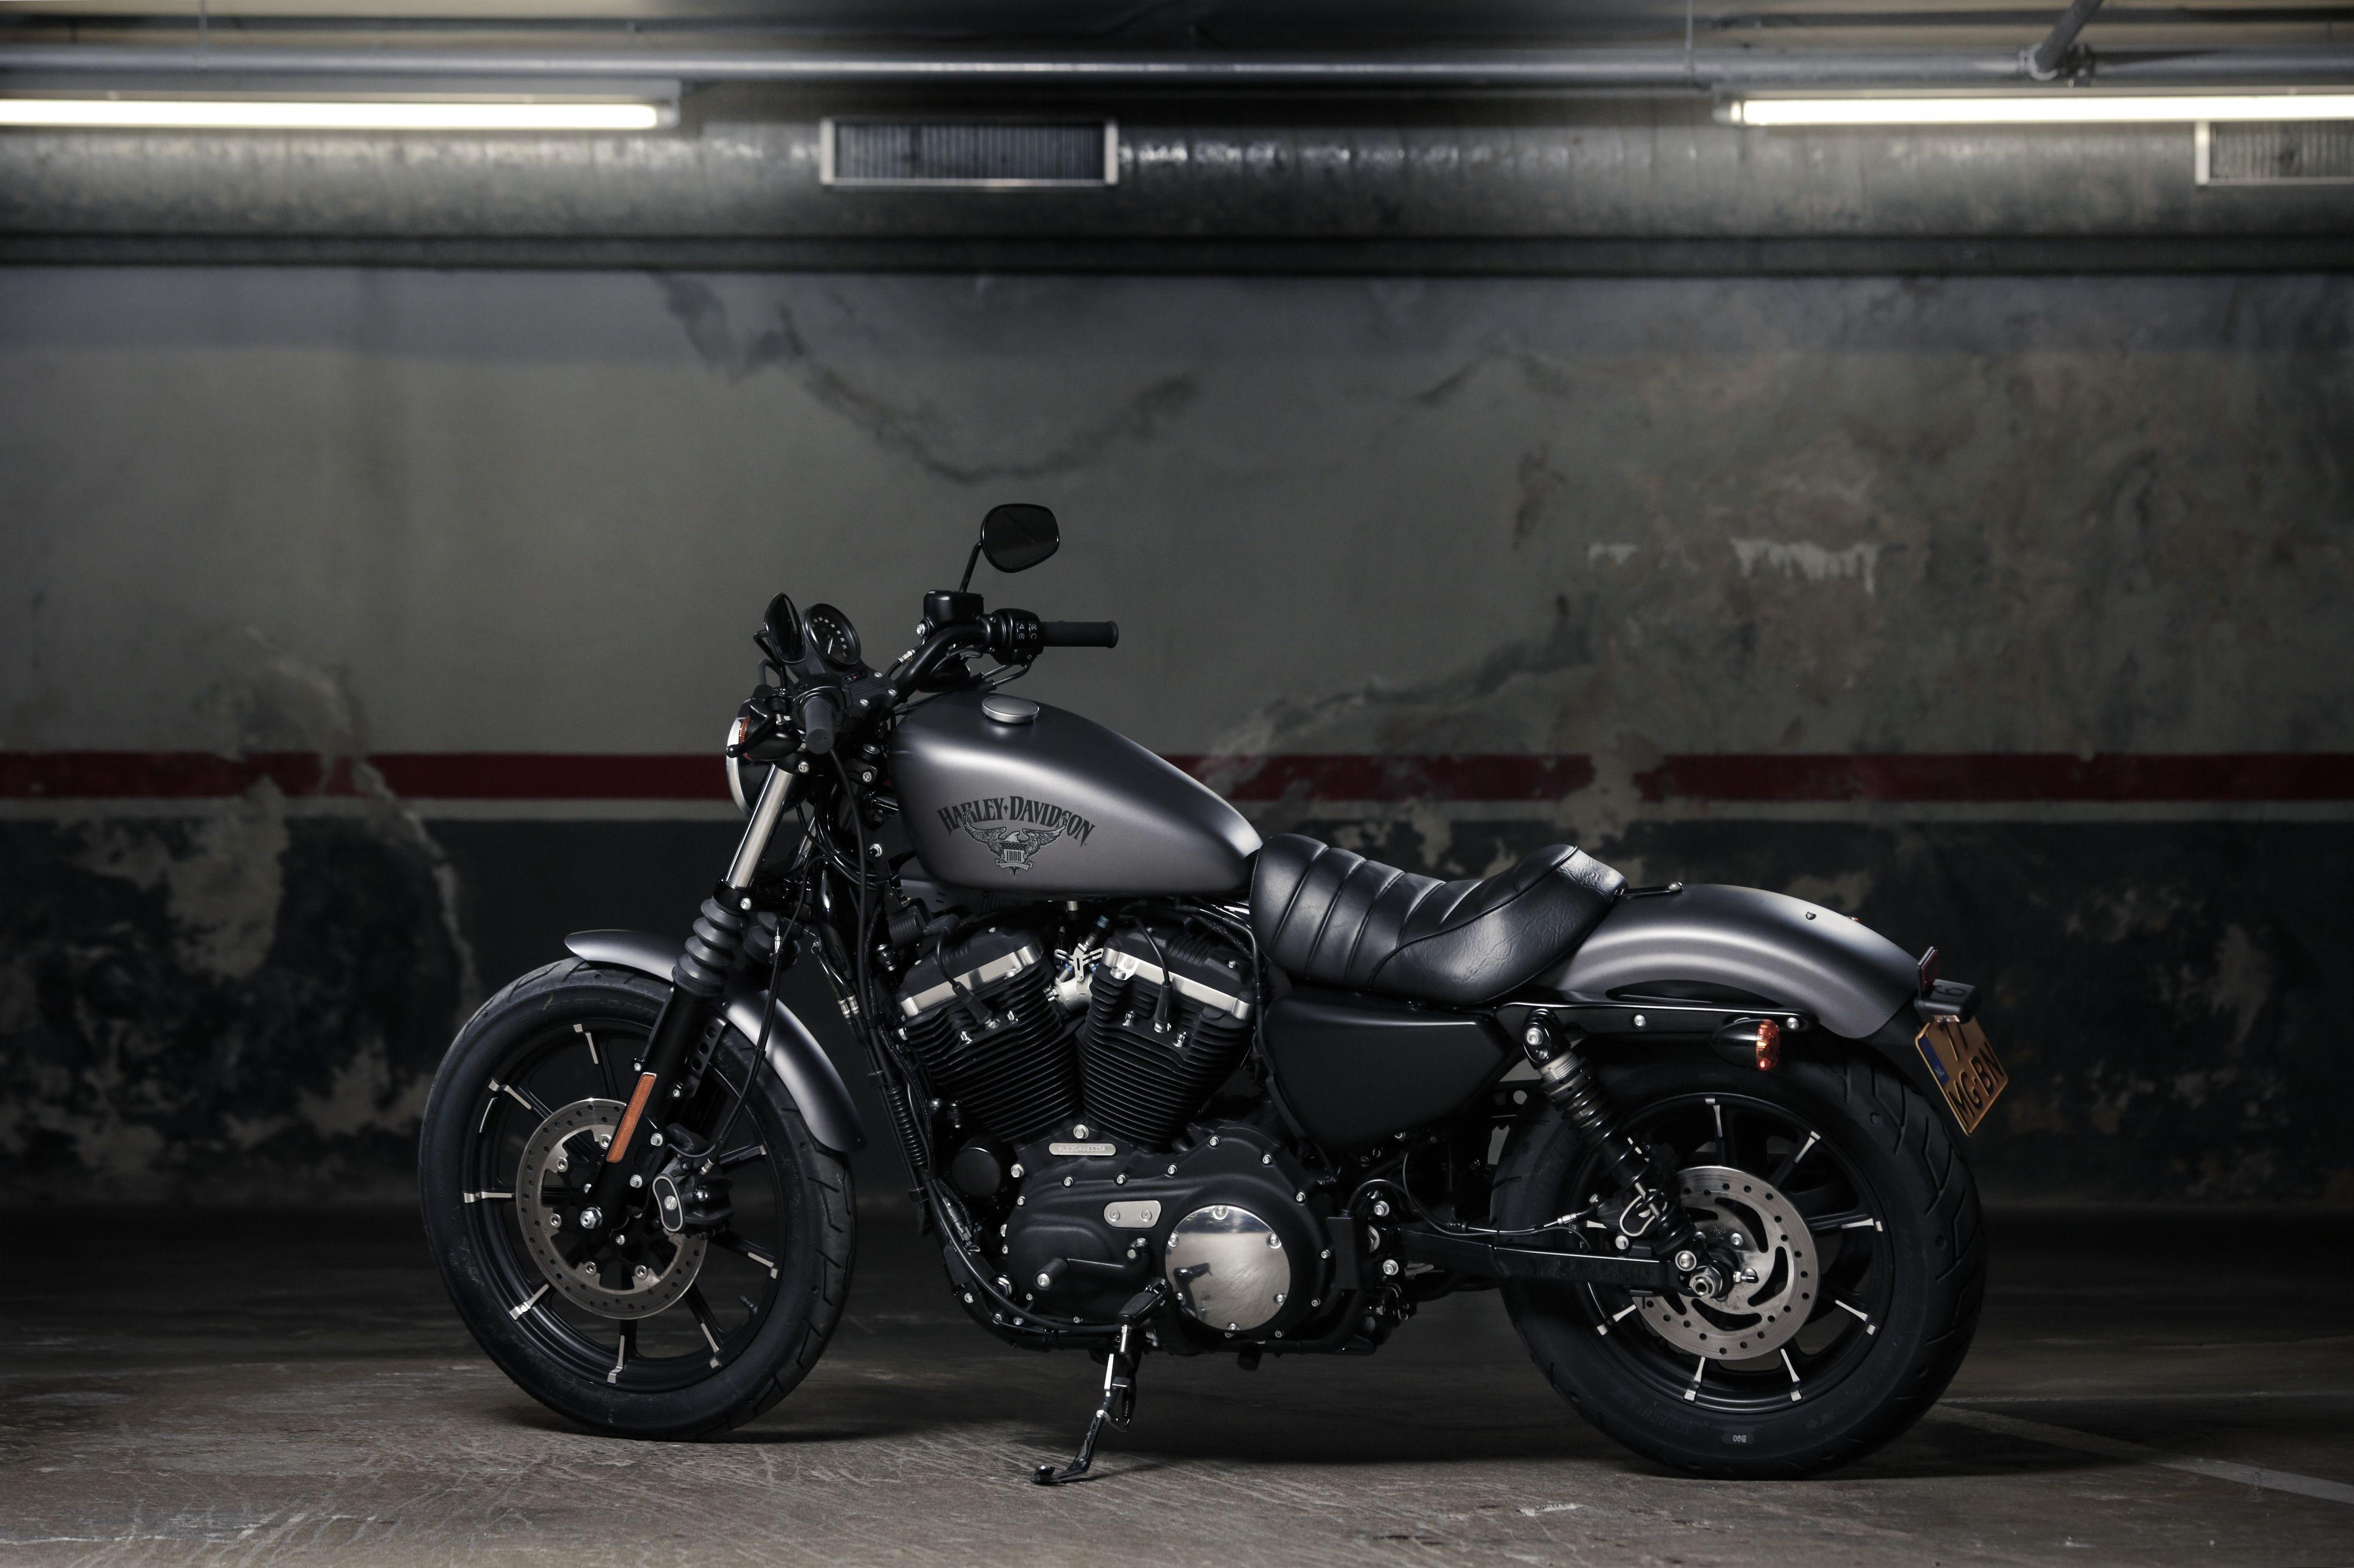 Exceptionnel 2017 Harley Davidson Iron 883